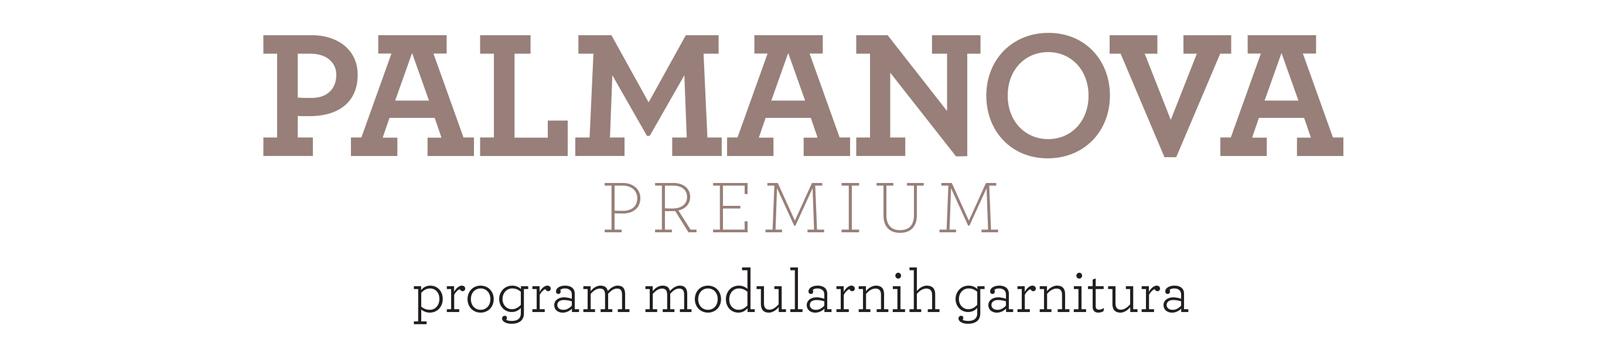 Palmanova-premium-garniture-naslov